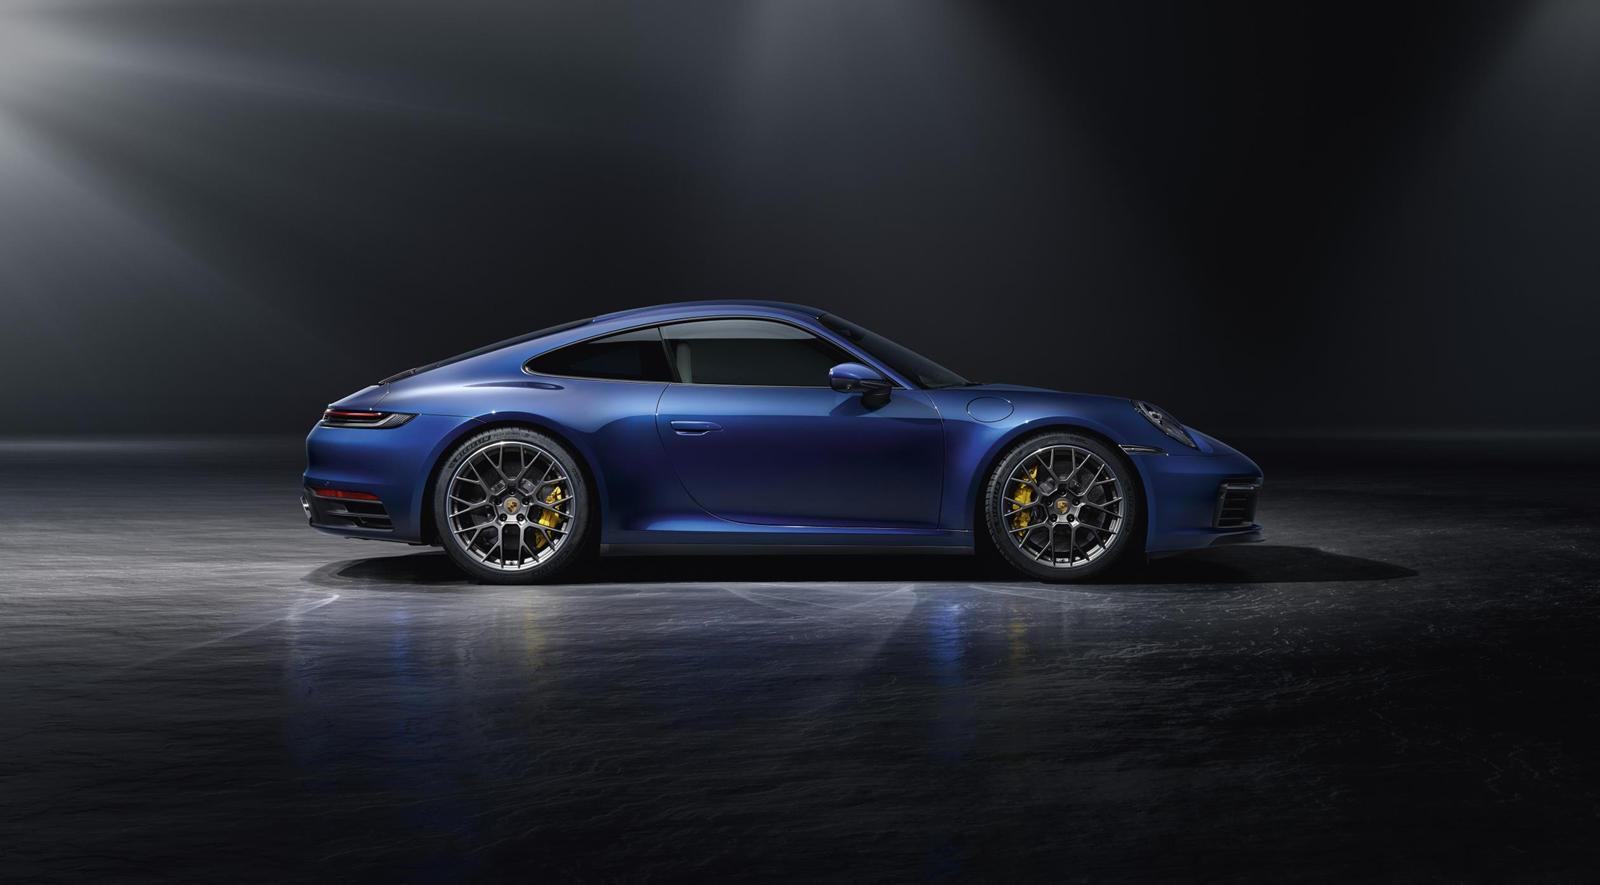 Следуя практике с модельным диапазоном 911, первыми моделями обычно являются стандартные Carrera, в случае 992 первыми мы получили более мощные модели S и 4S.